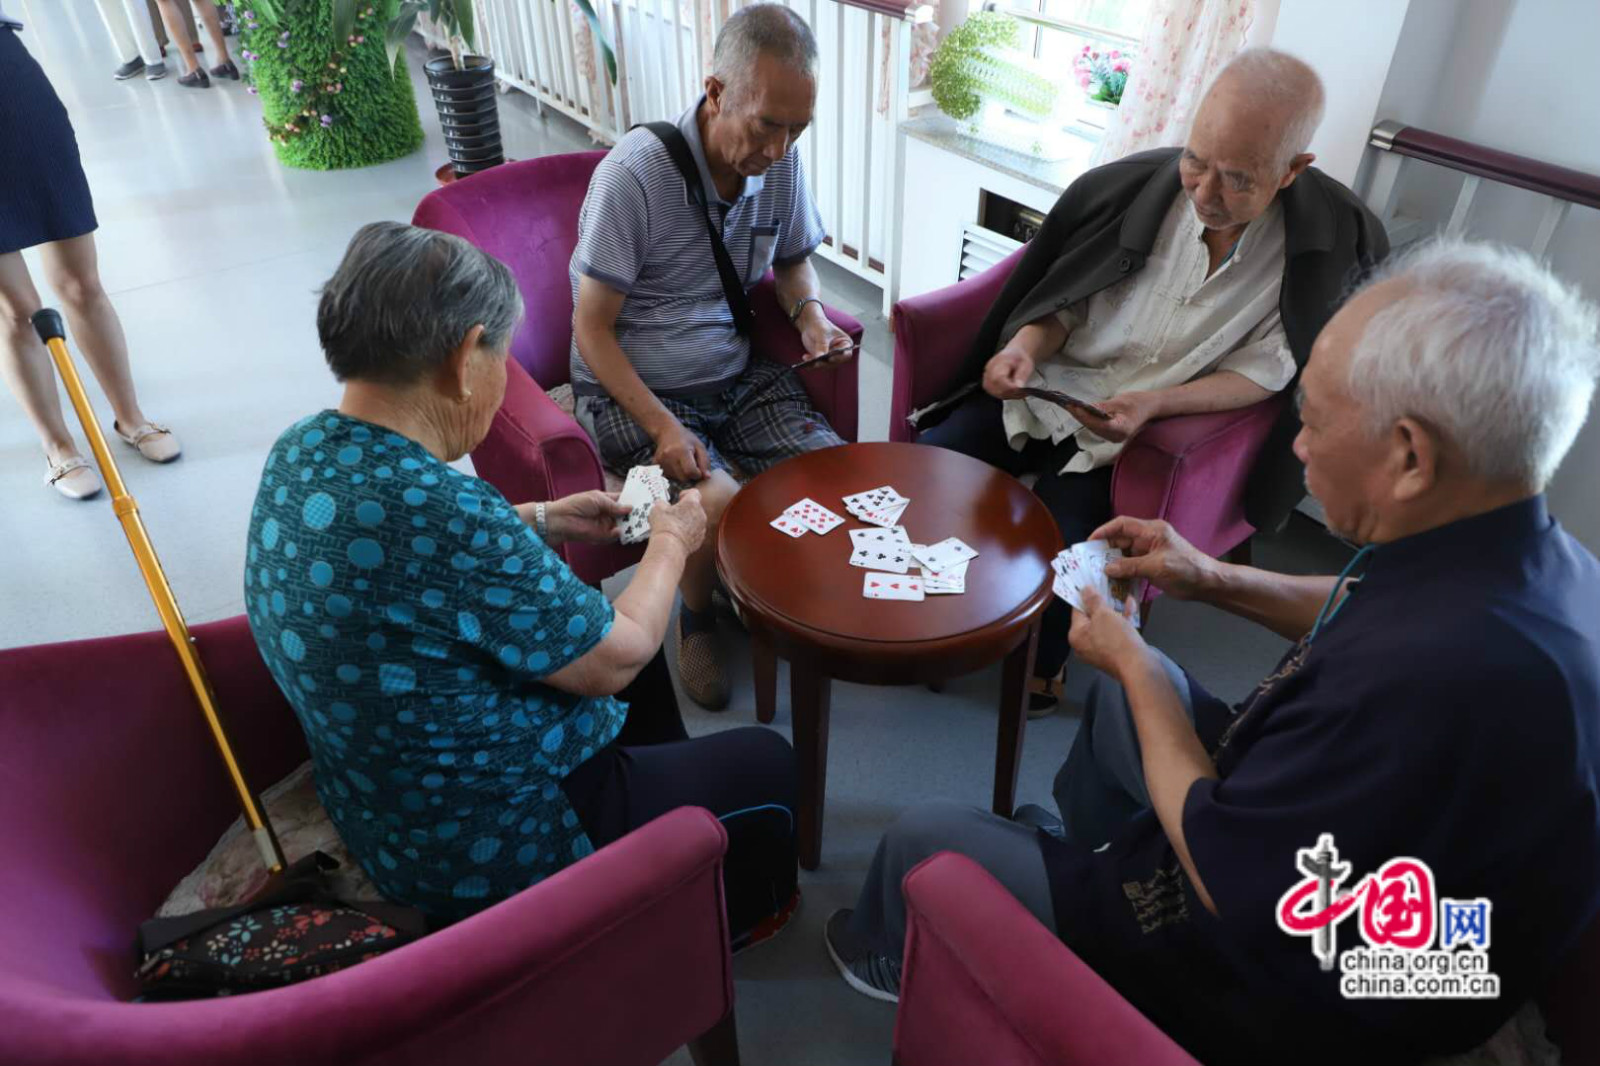 克拉玛依黑油山养老社区老人在打扑克娱乐.中国网记者李培刚 摄